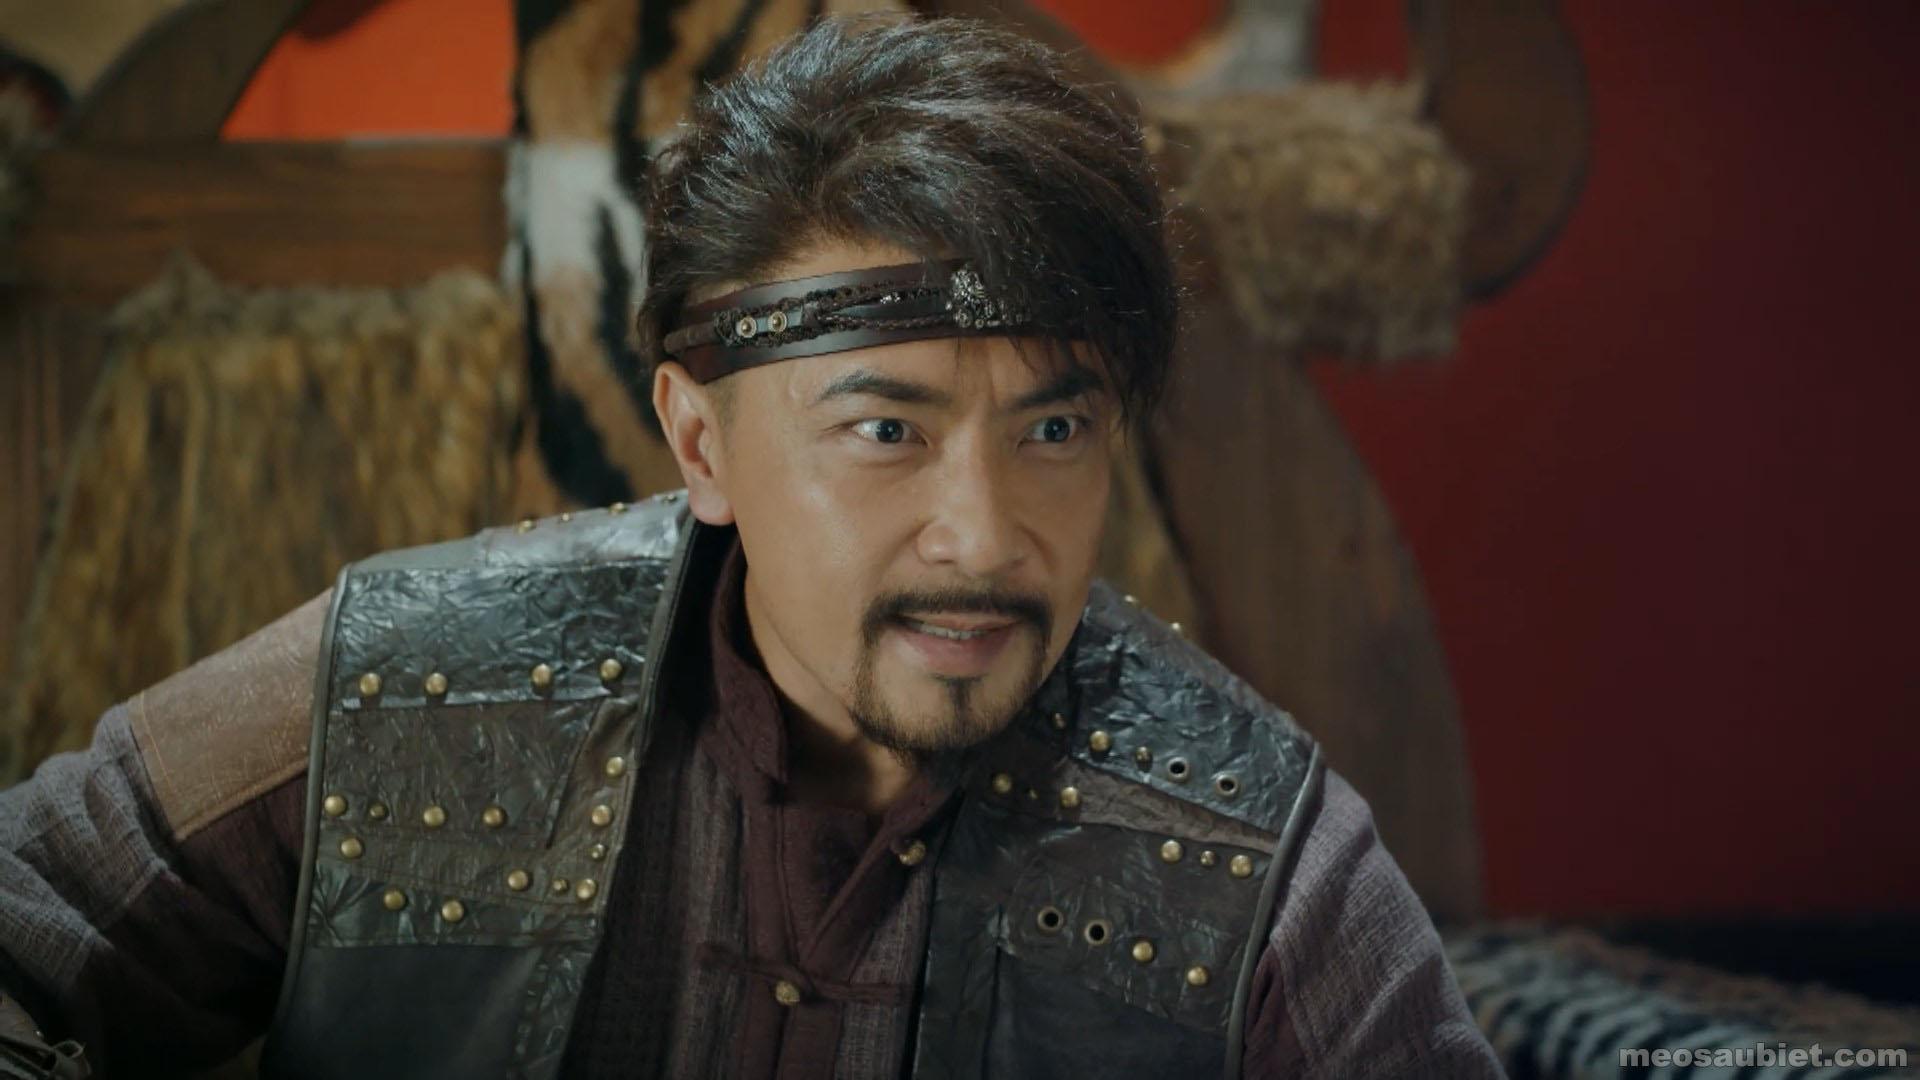 Đại hiệp Hoắc Nguyên Giáp 2020 Trịnh Bân Huy trong vai Sa Lang